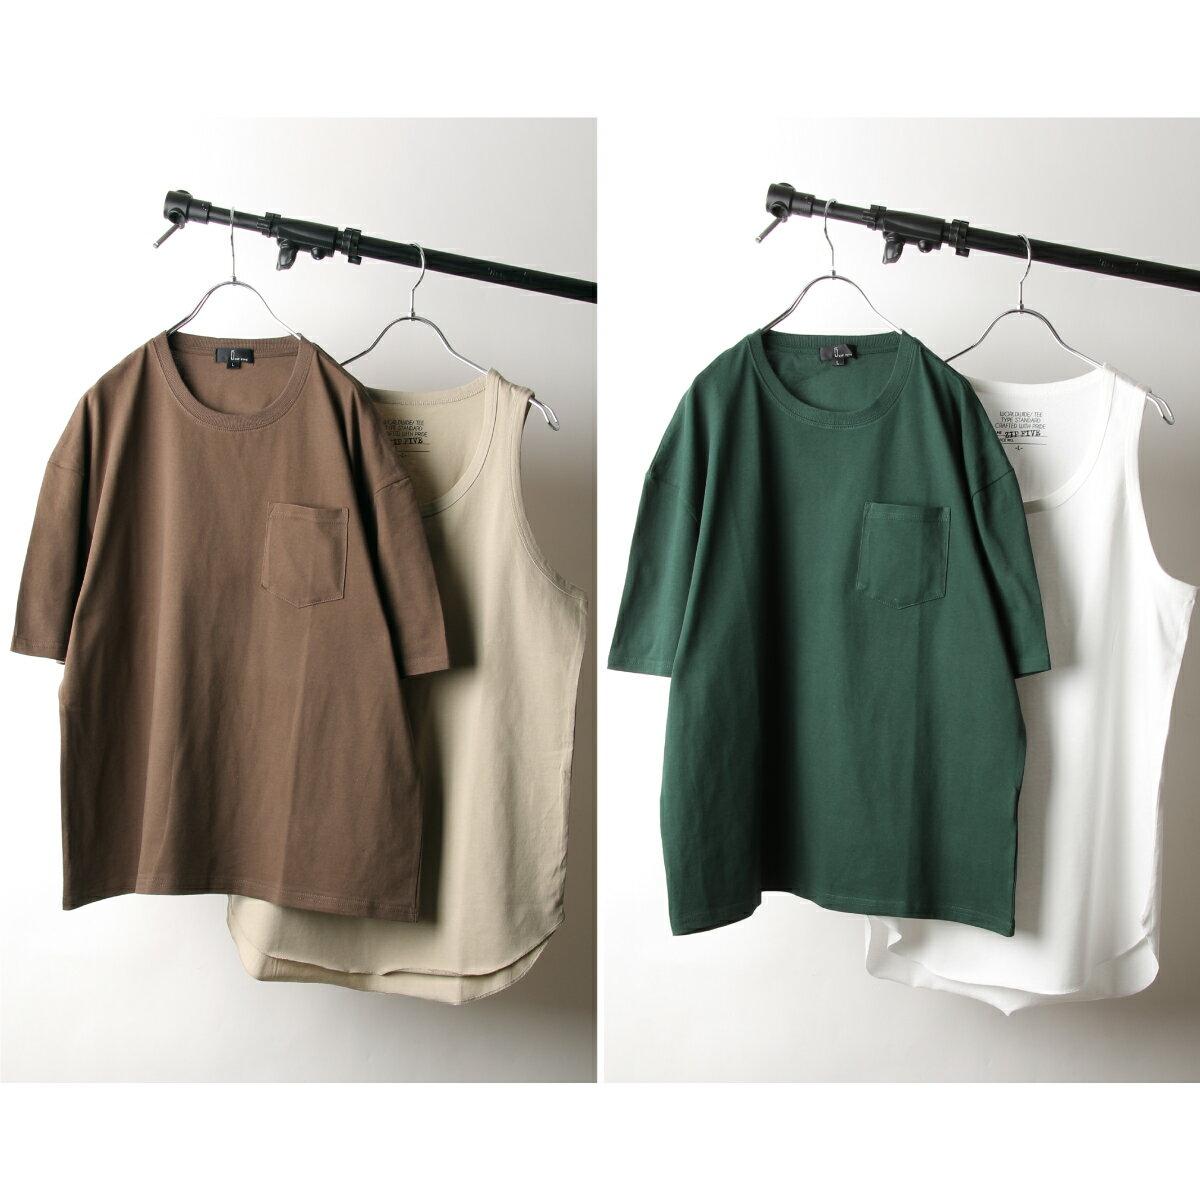 【New】五分袖T恤&長版坦克背心 兩件組 1